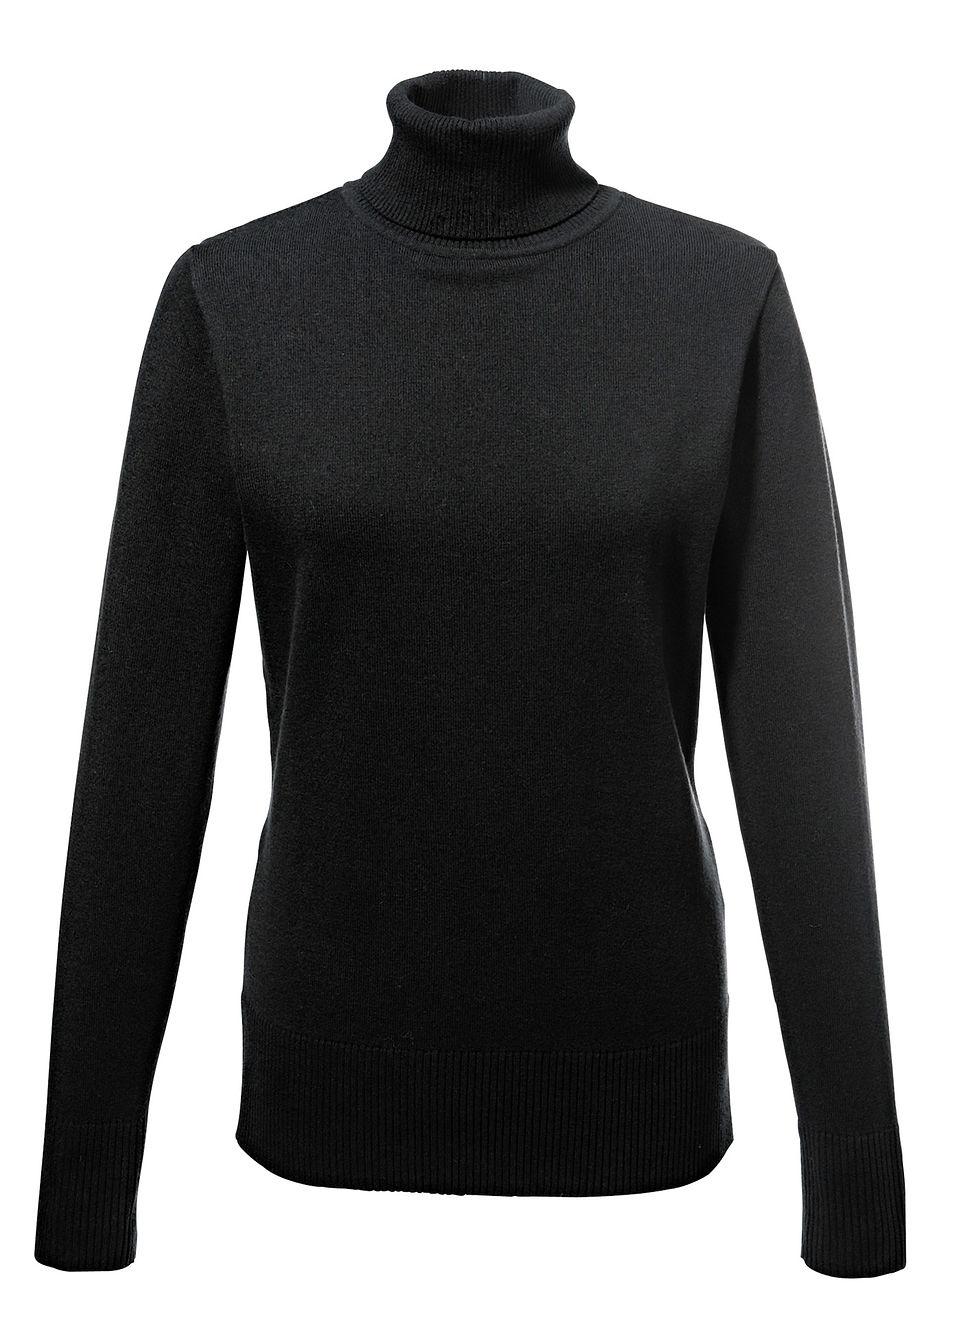 Пуловер с высоким воротом от bonprix